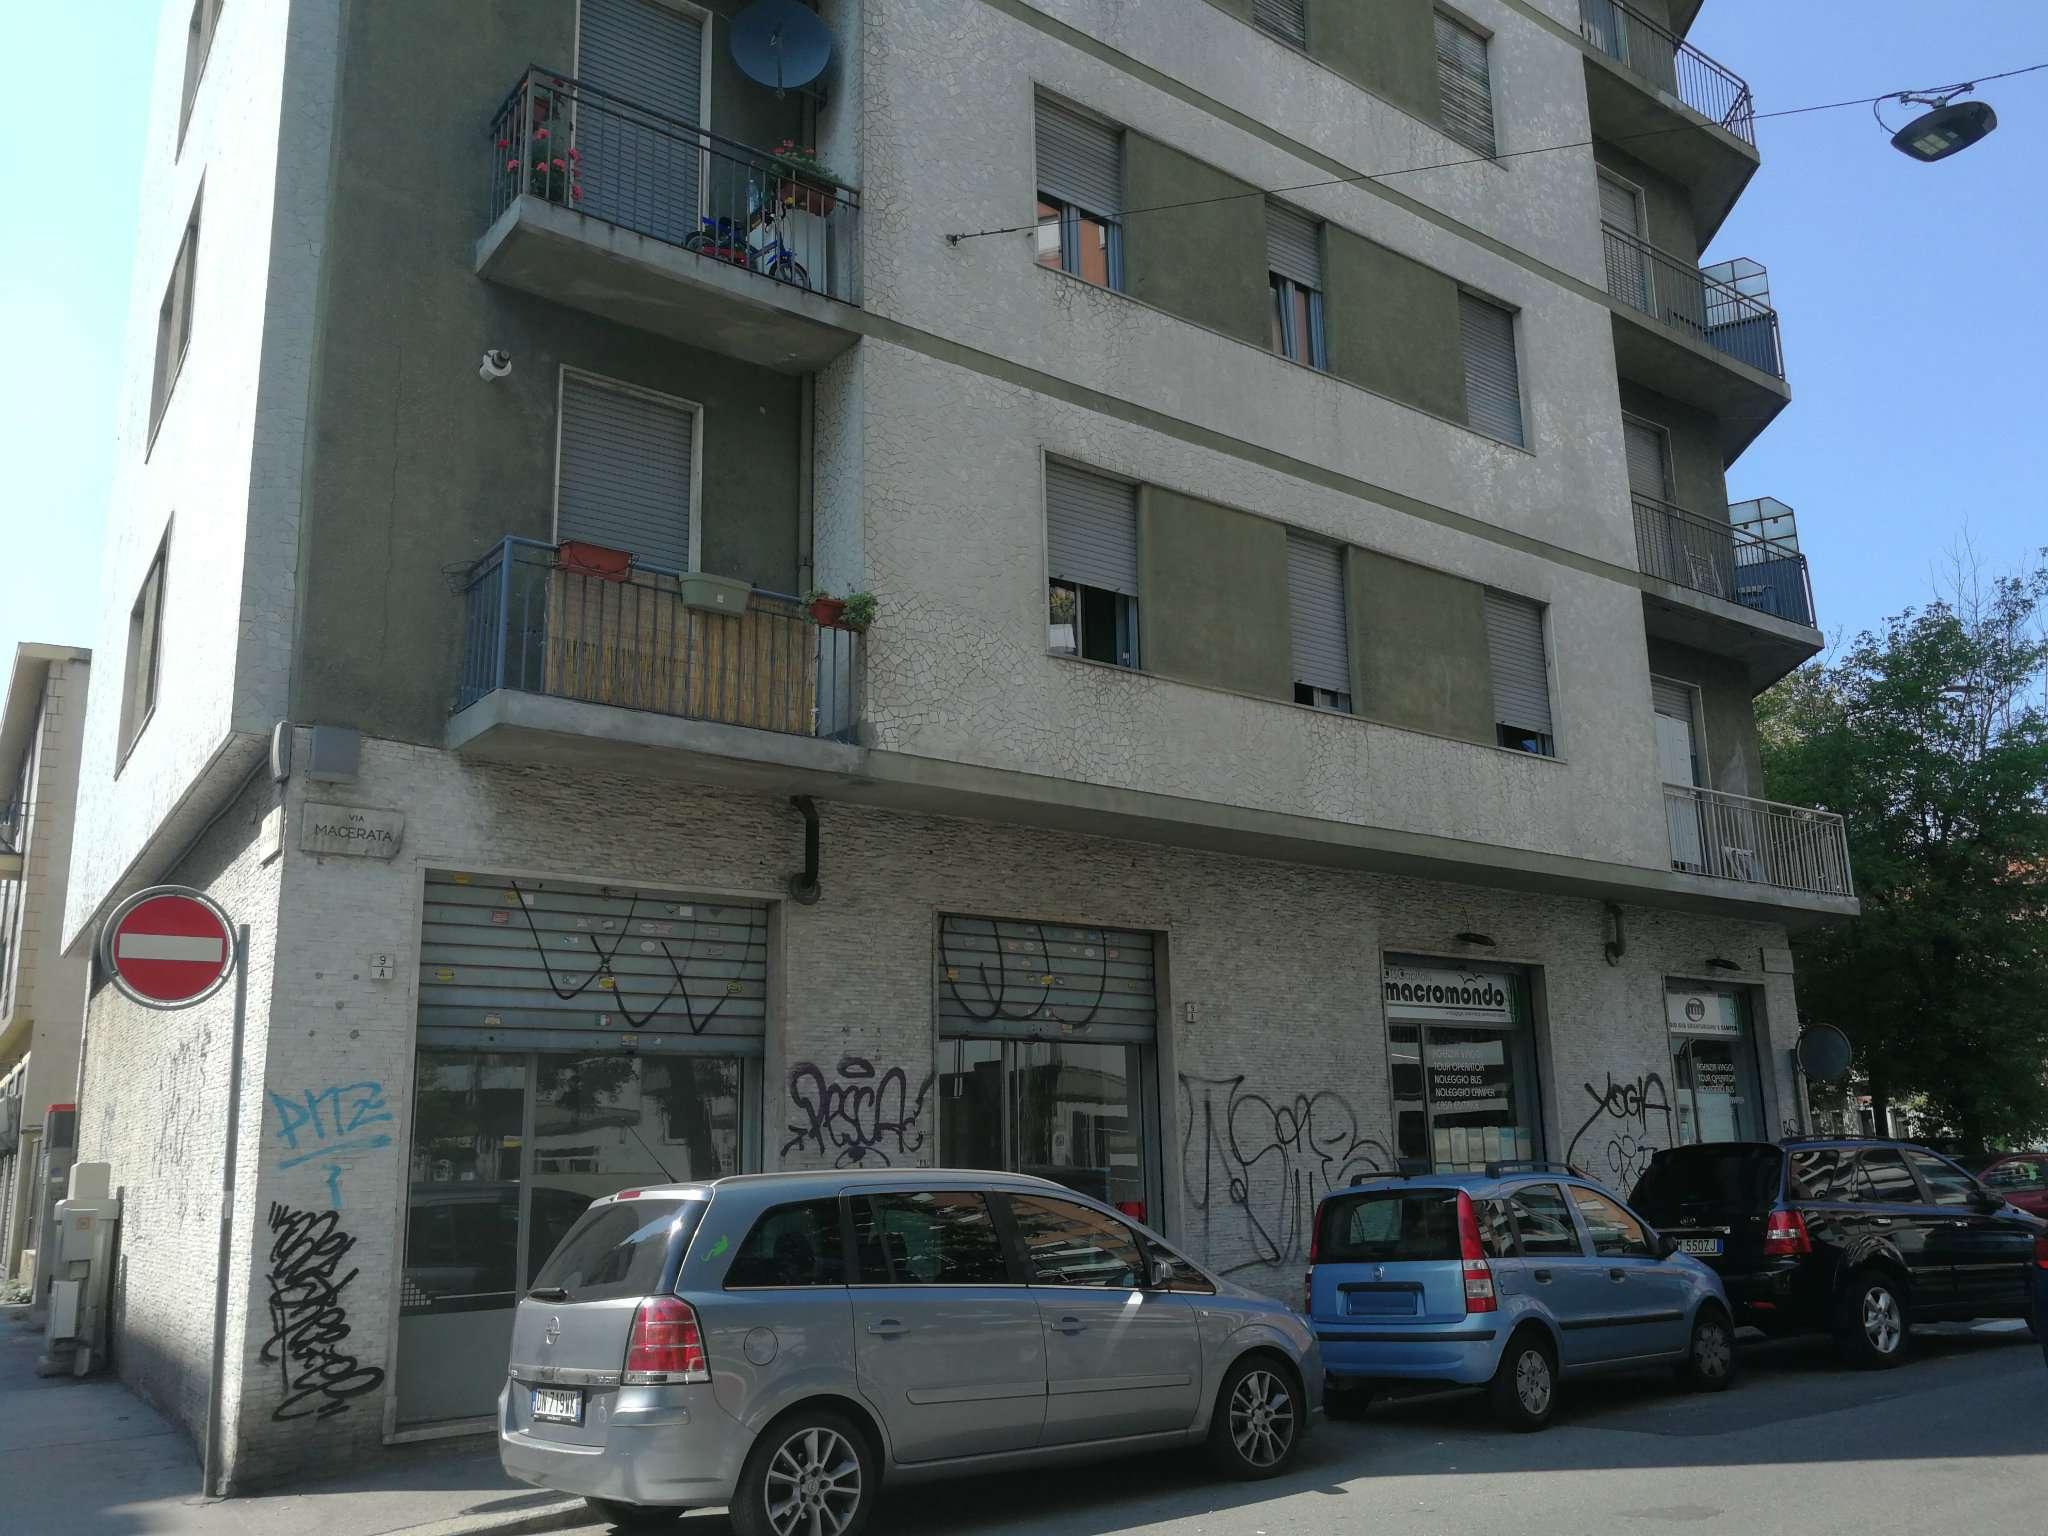 Negozio in affitto Zona Madonna di Campagna, Borgo Vittoria... - corso Umbria Torino